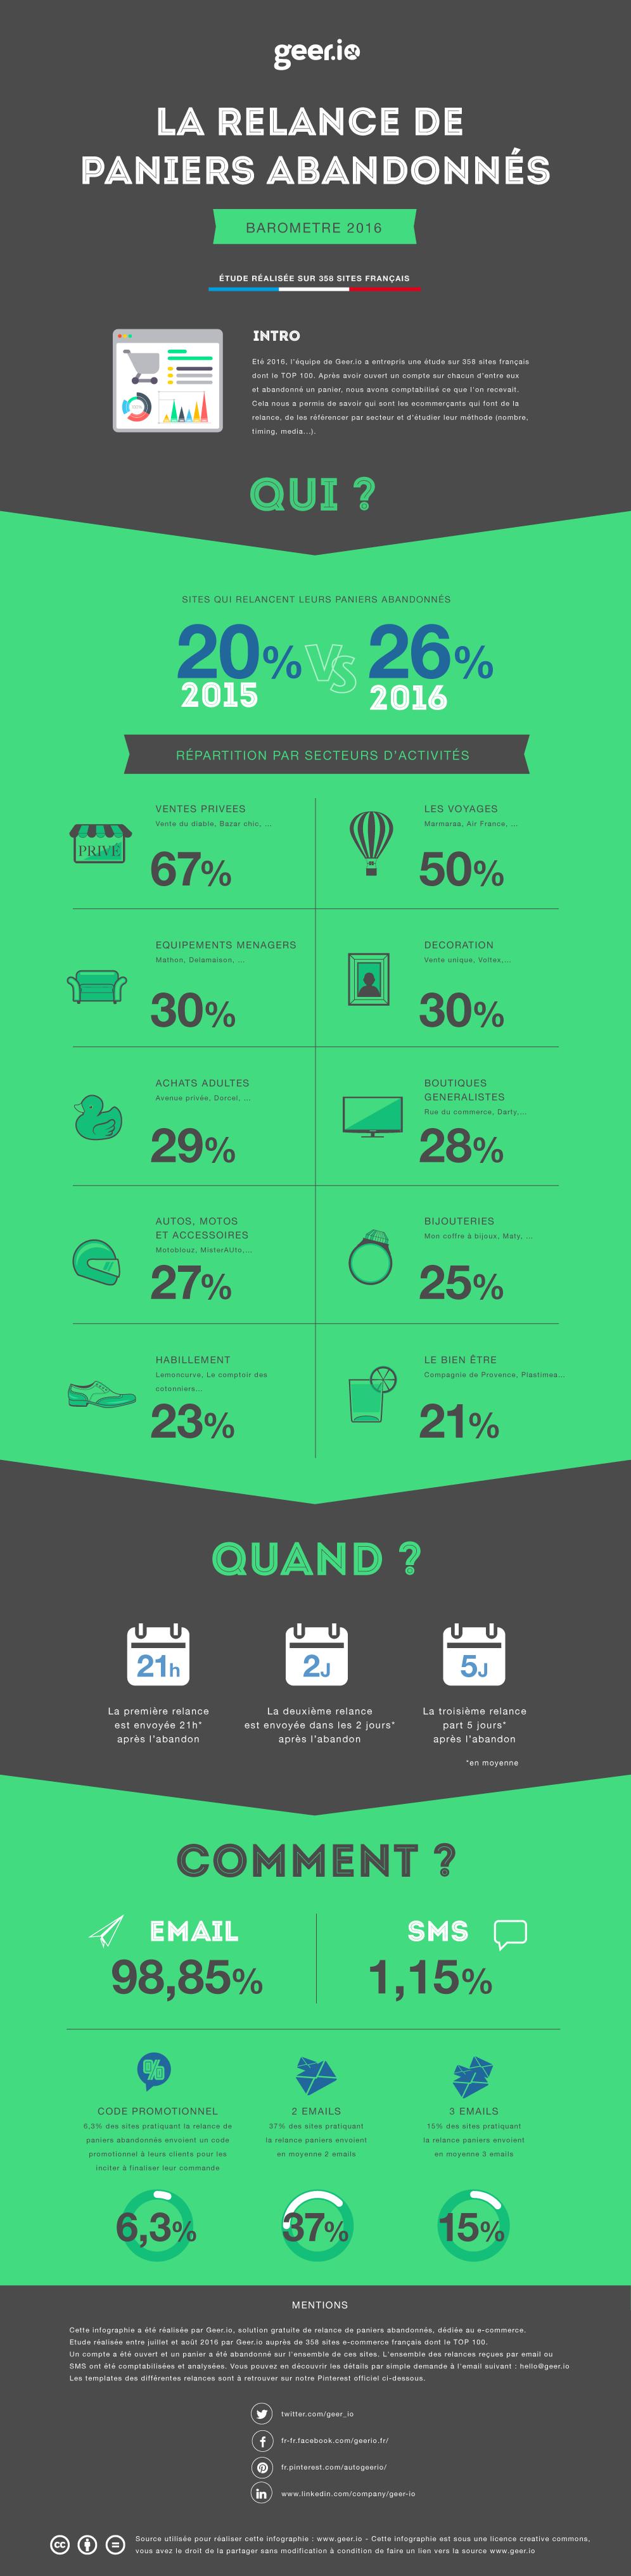 Infographie Relance de Paniers Abandonnés